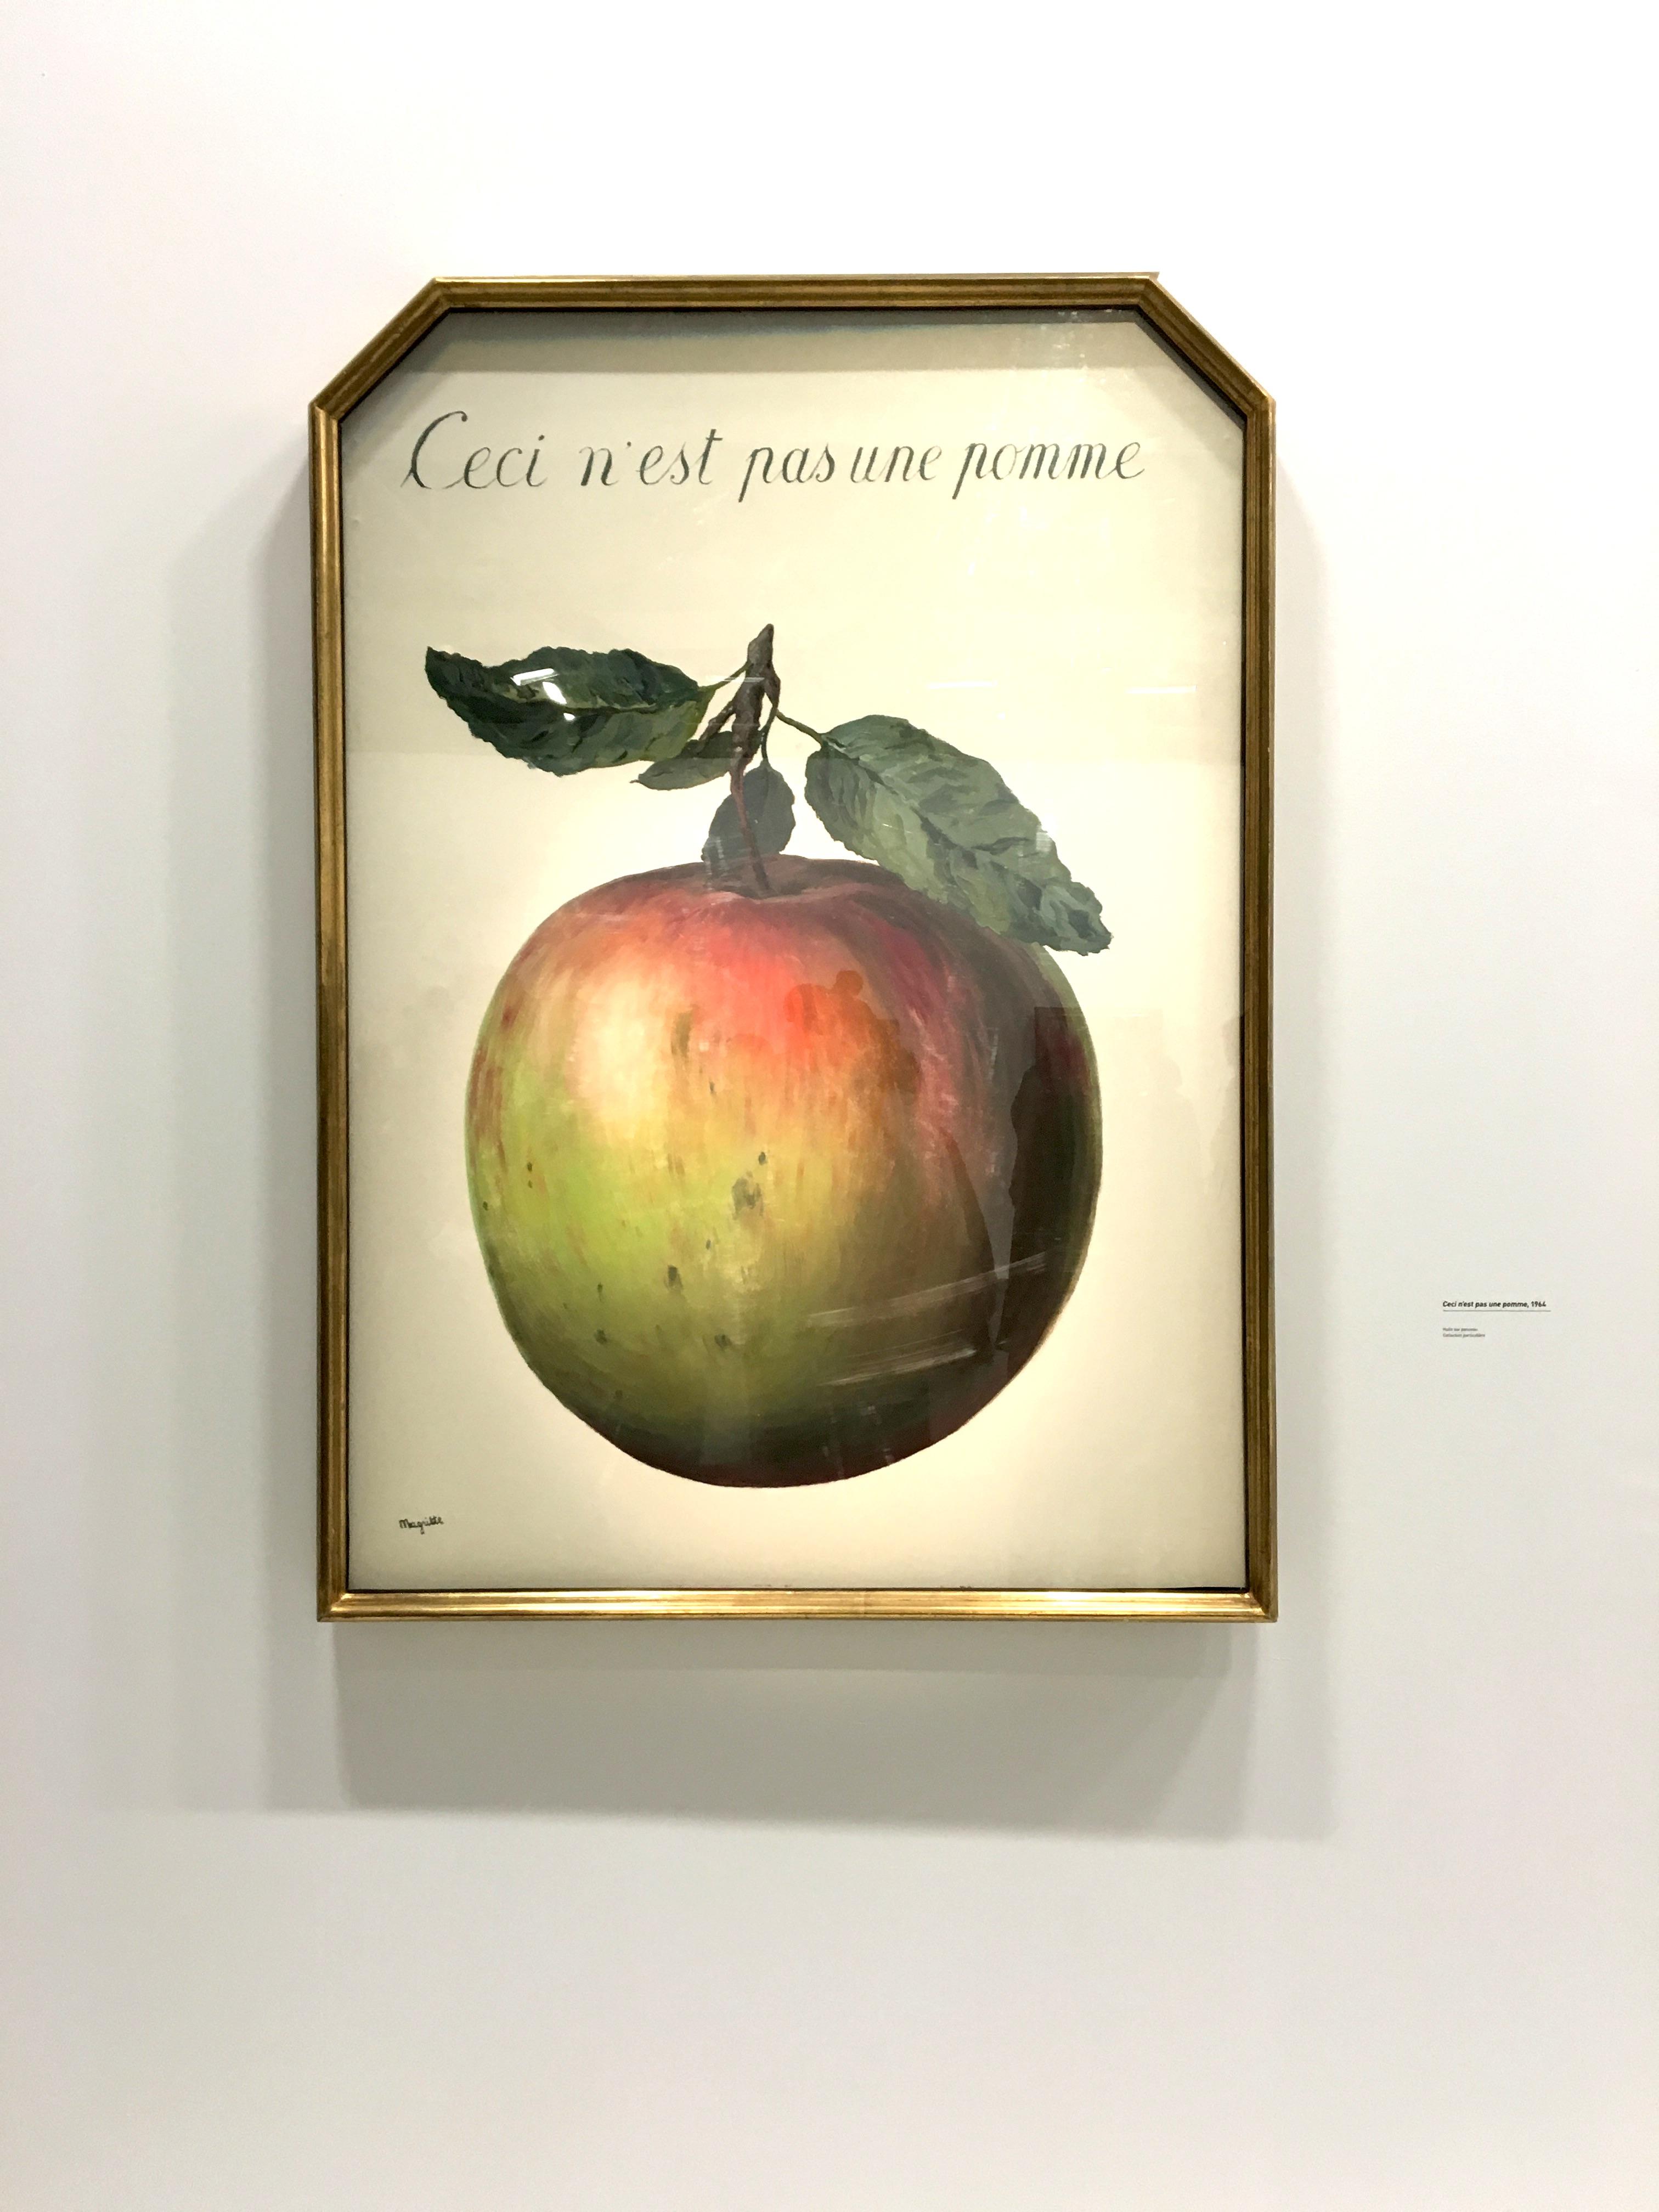 Peinture de magritte Ceci n'est pas une pomme